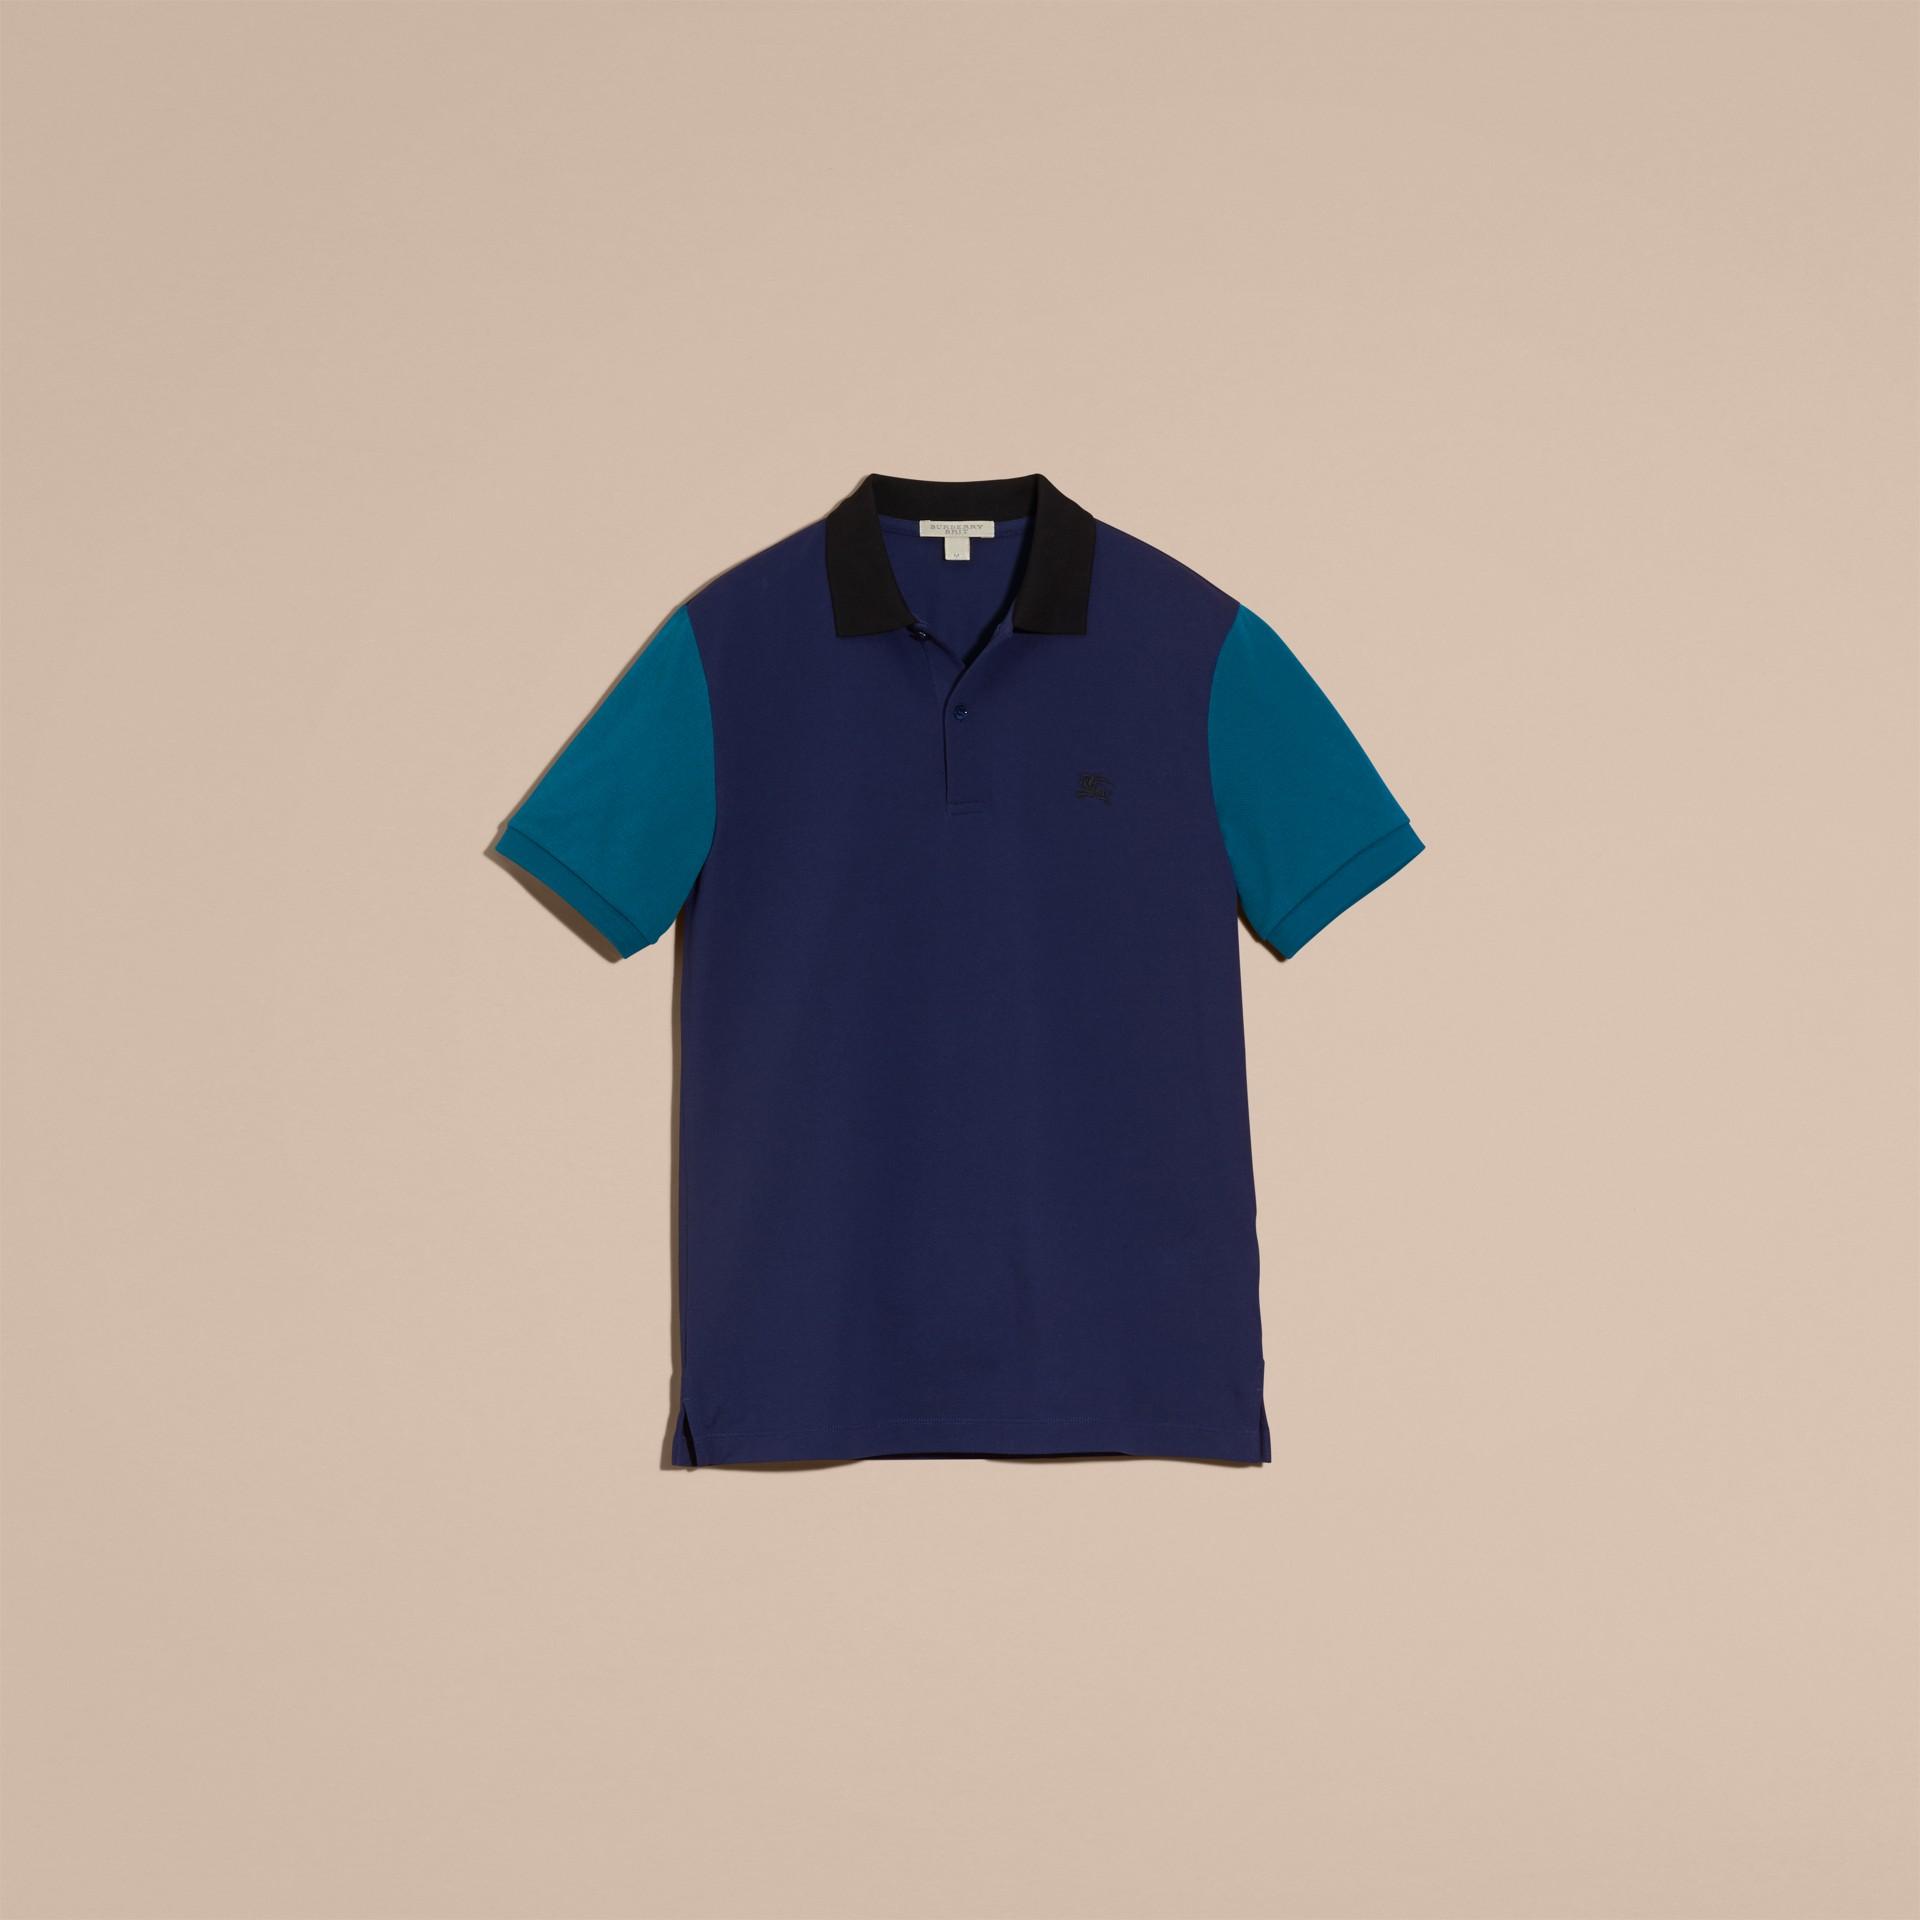 Indigo Camisa polo de algodão piquê com estampa colour block Indigo - galeria de imagens 4